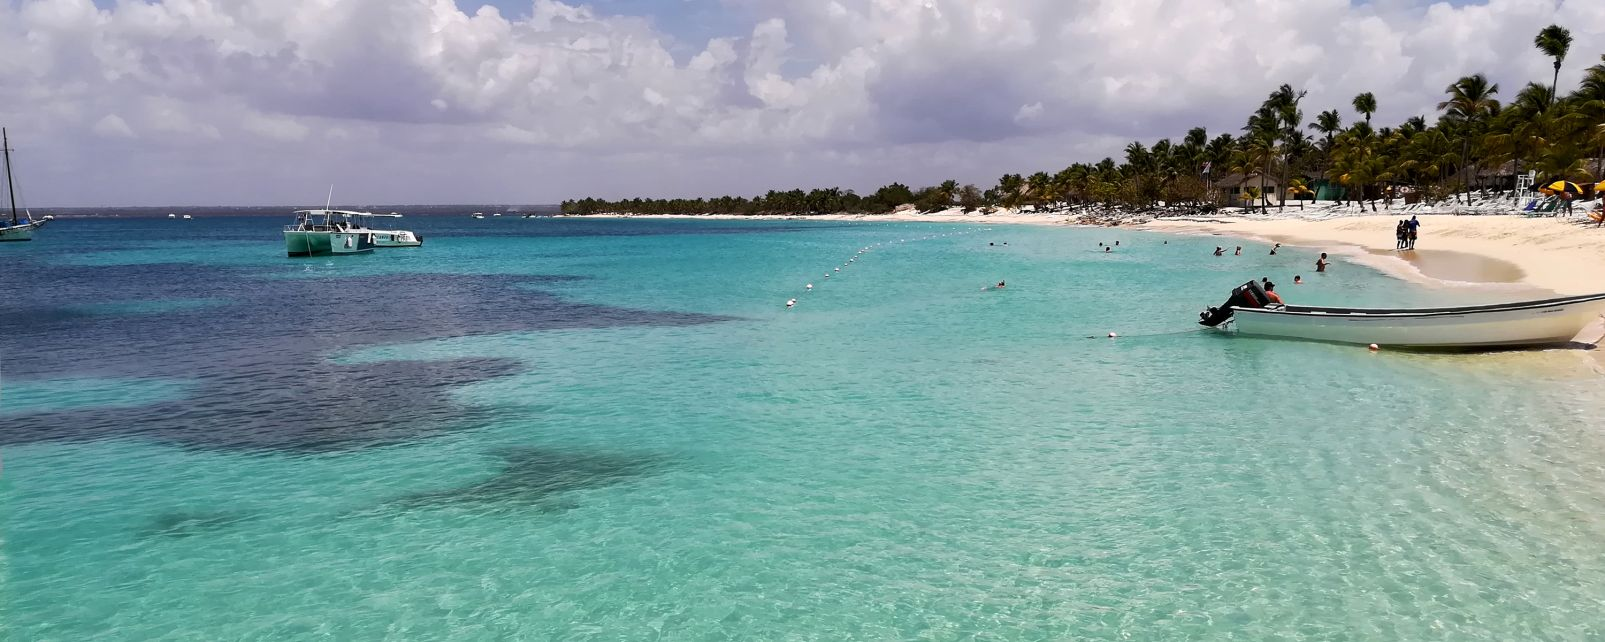 Les îles et les plages, Rep dom